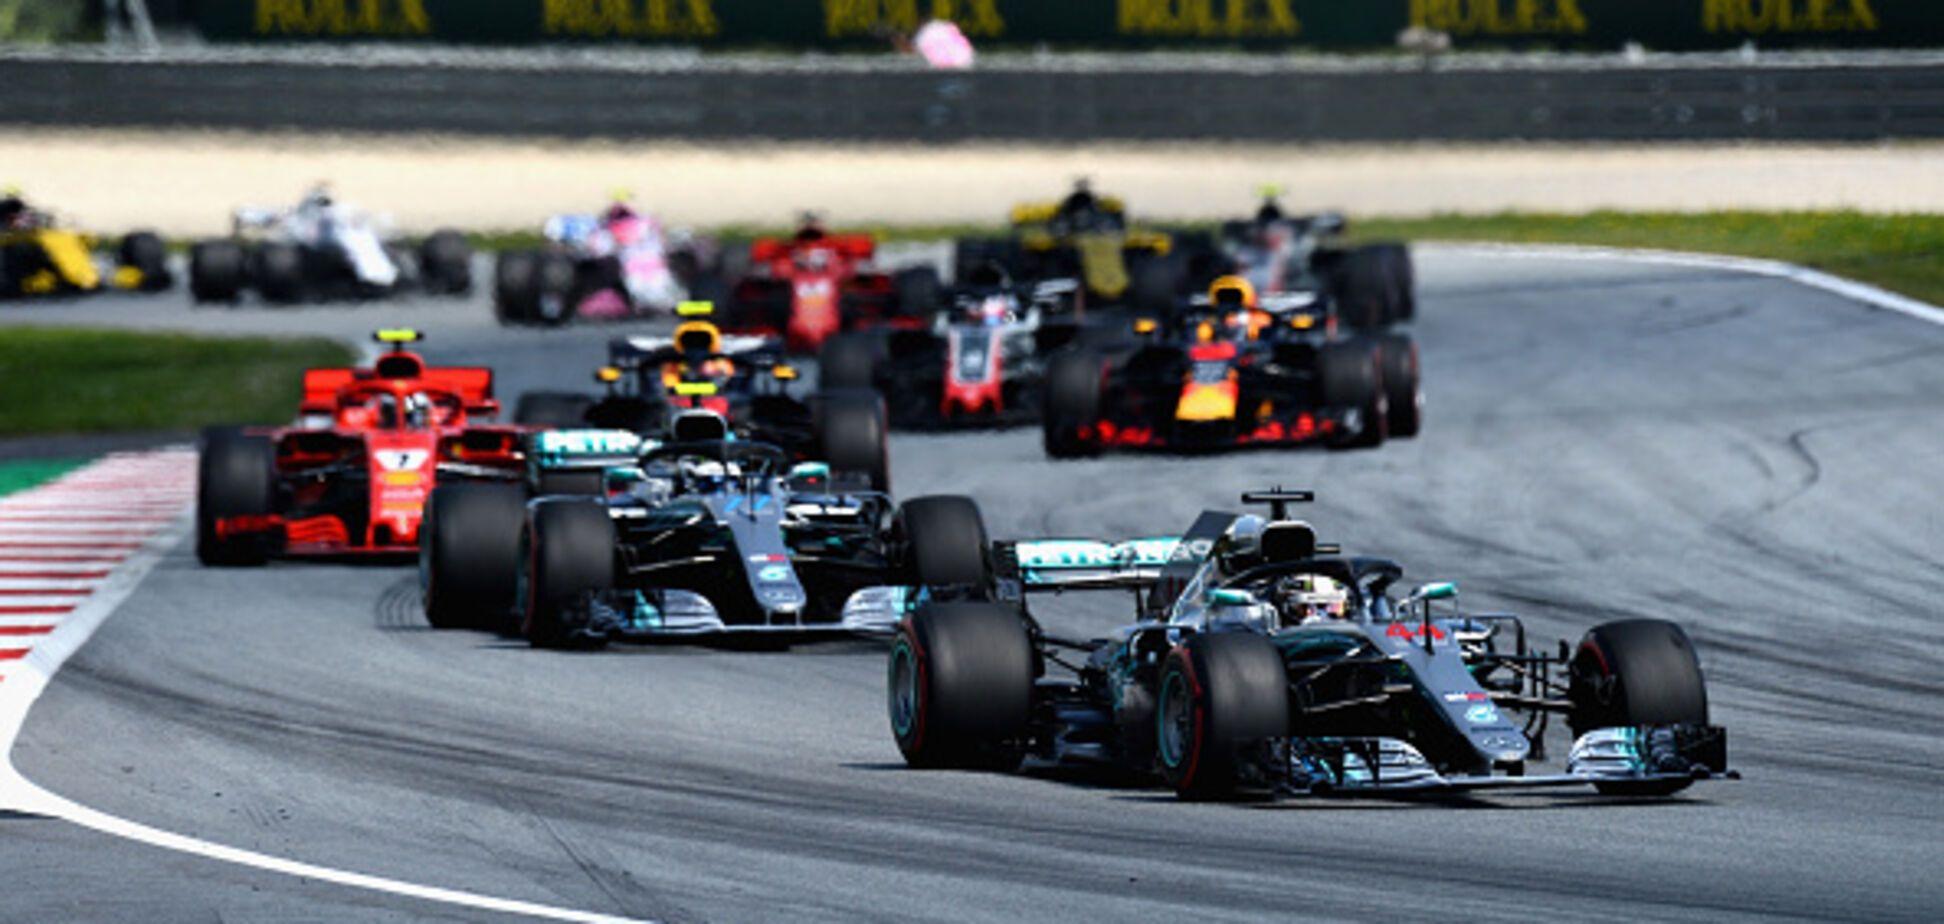 Формула-1: Гран-прі Австрії завершився грандіозним провалом лідерів